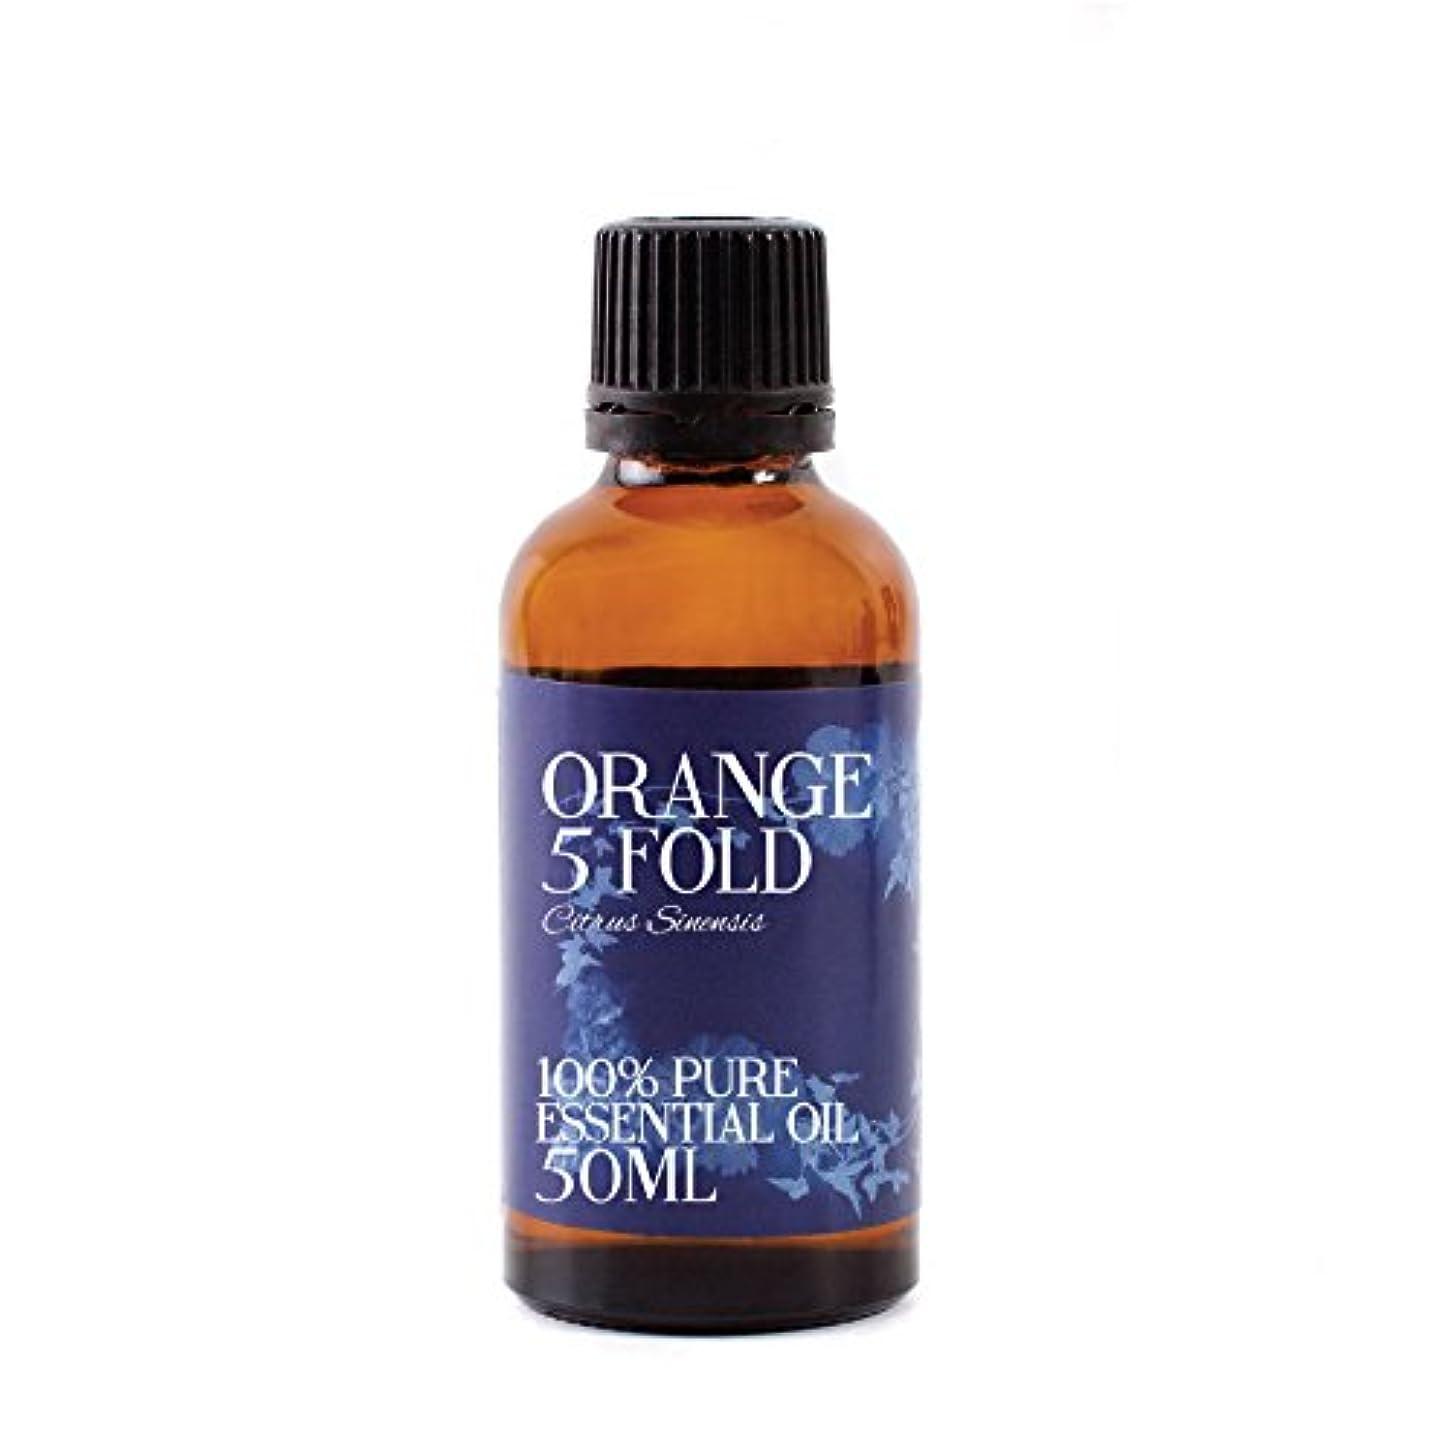 金曜日フォーク空のMystic Moments | Orange 5 Fold Essential Oil - 50ml - 100% Pure